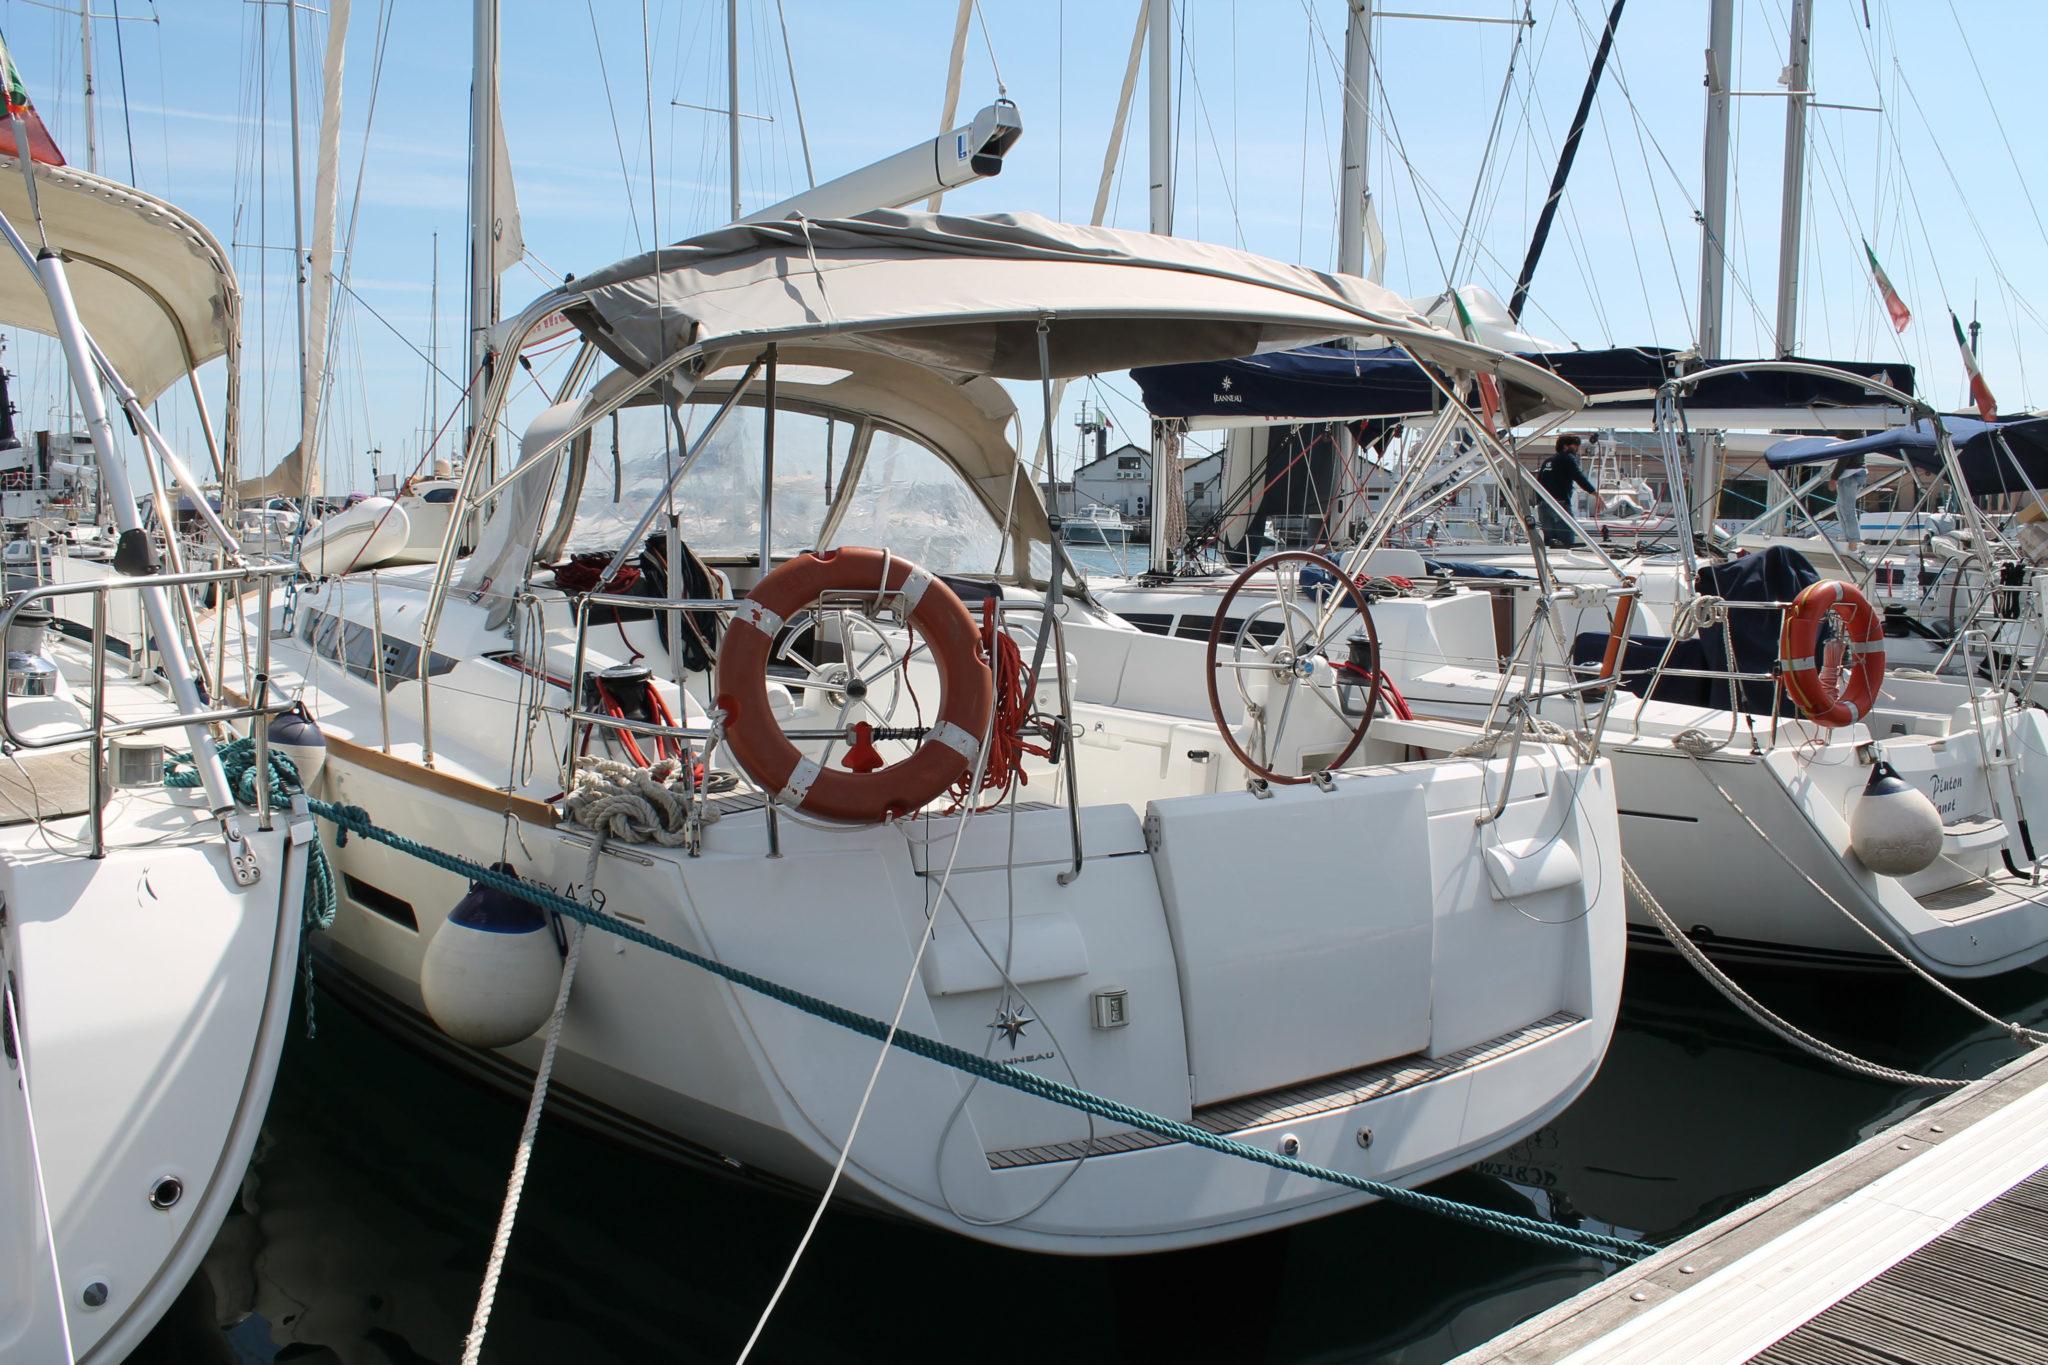 Jeanneau Sun Odyssey 439 – 2012